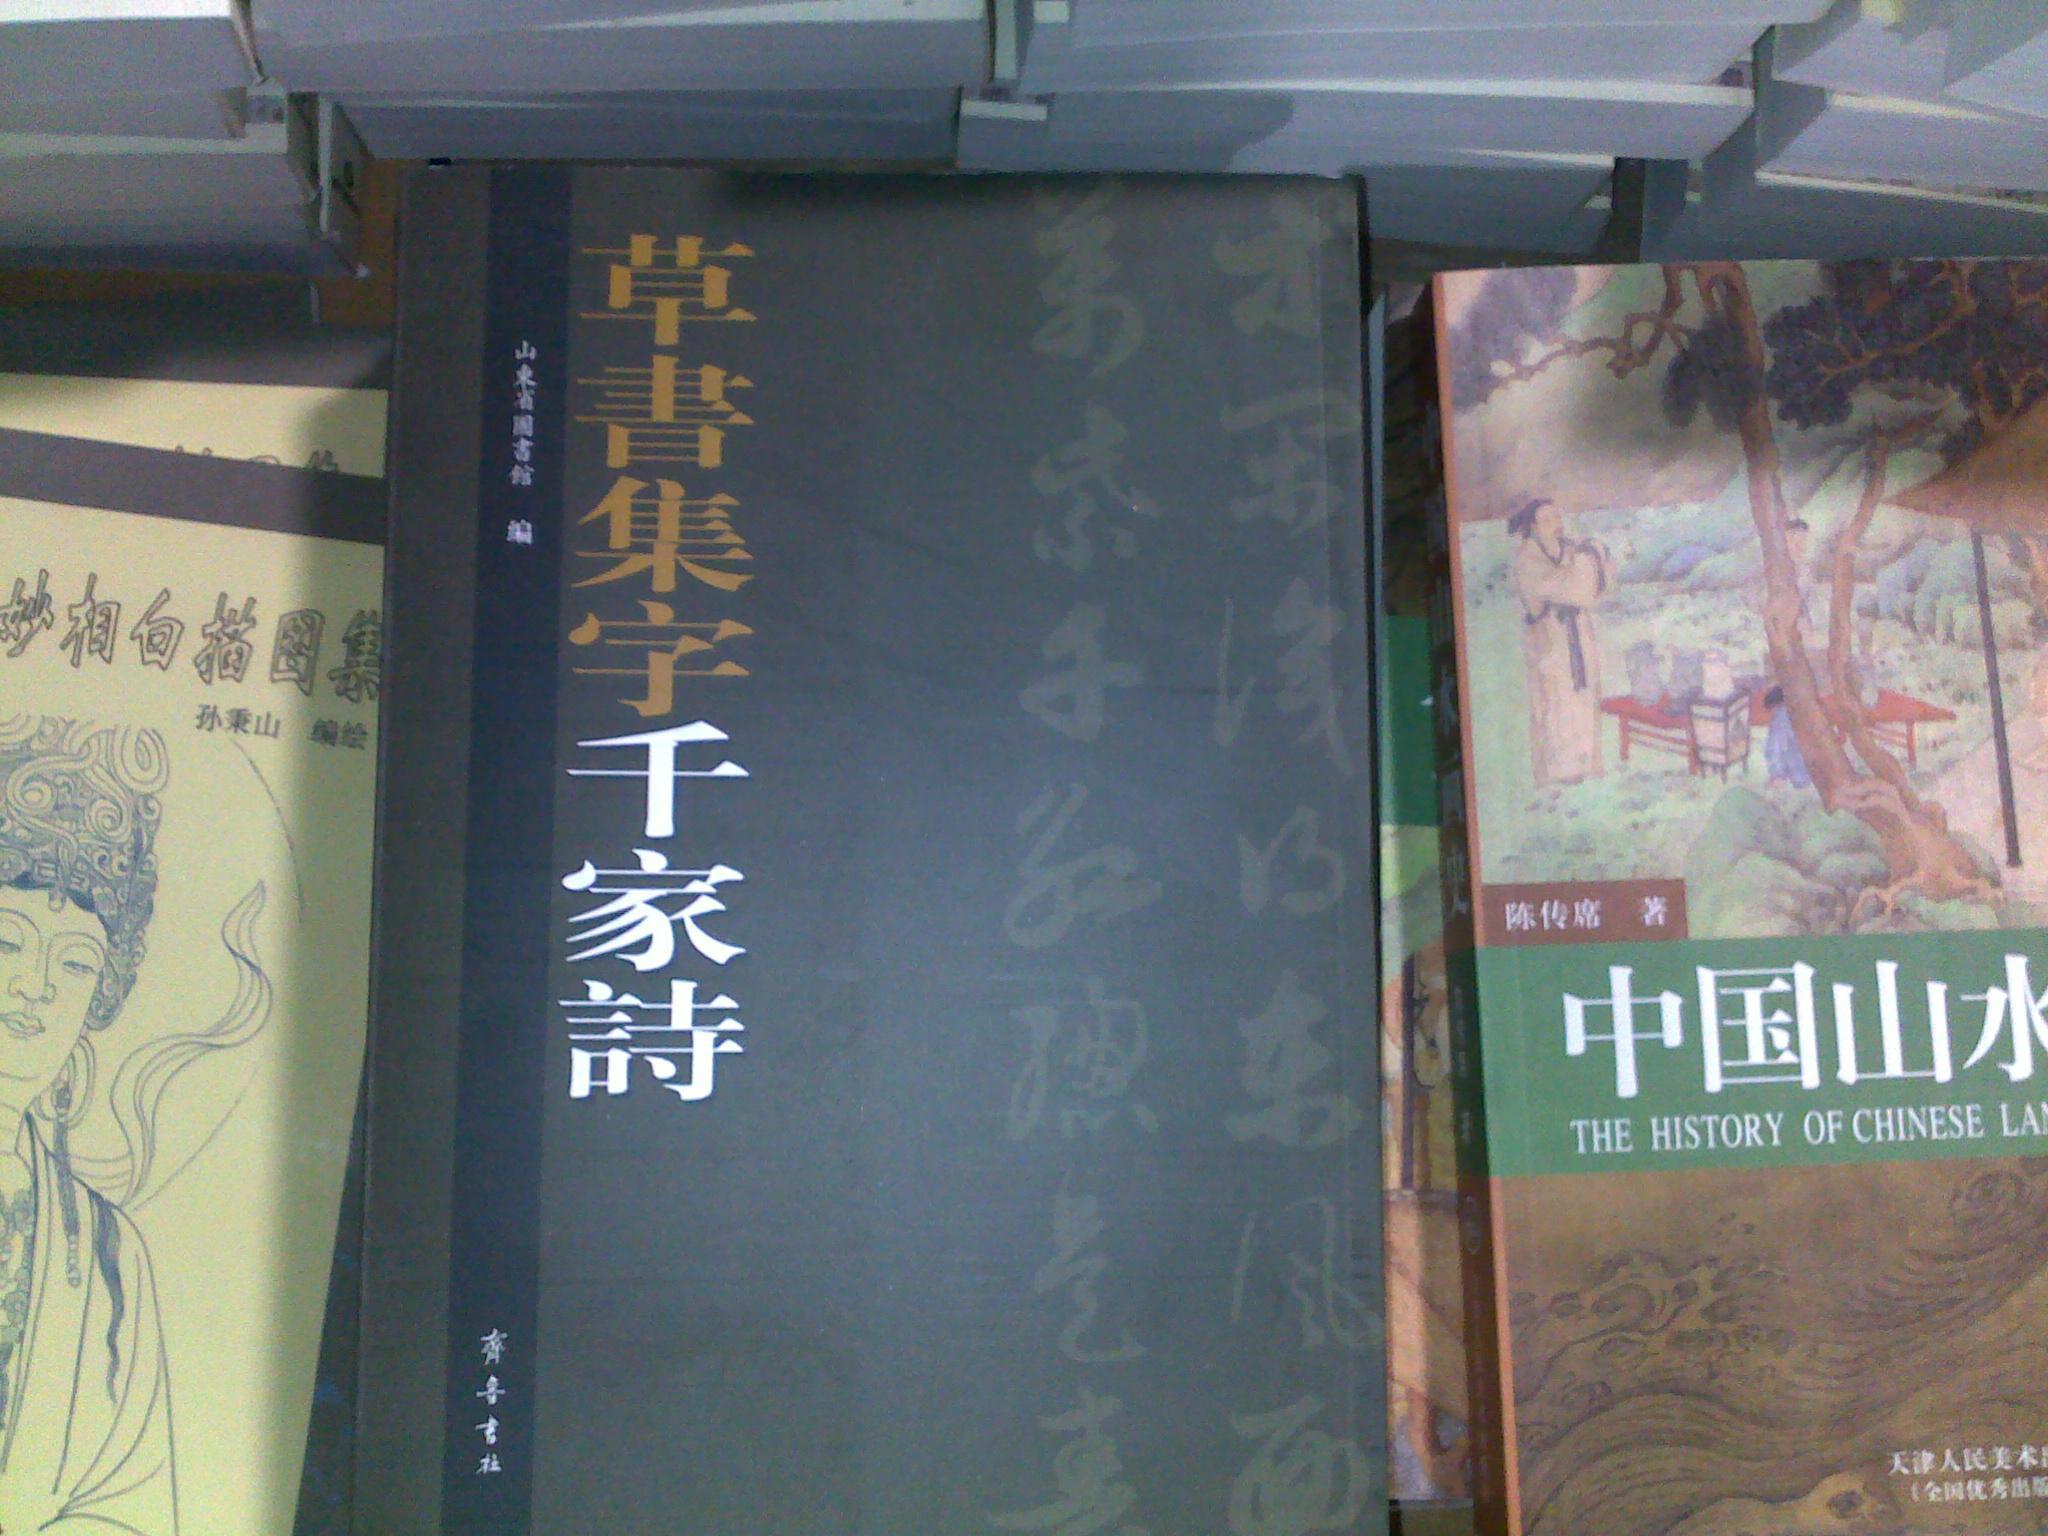 全新正版 草书集字千家诗(繁体竖排版) 价格:20.00